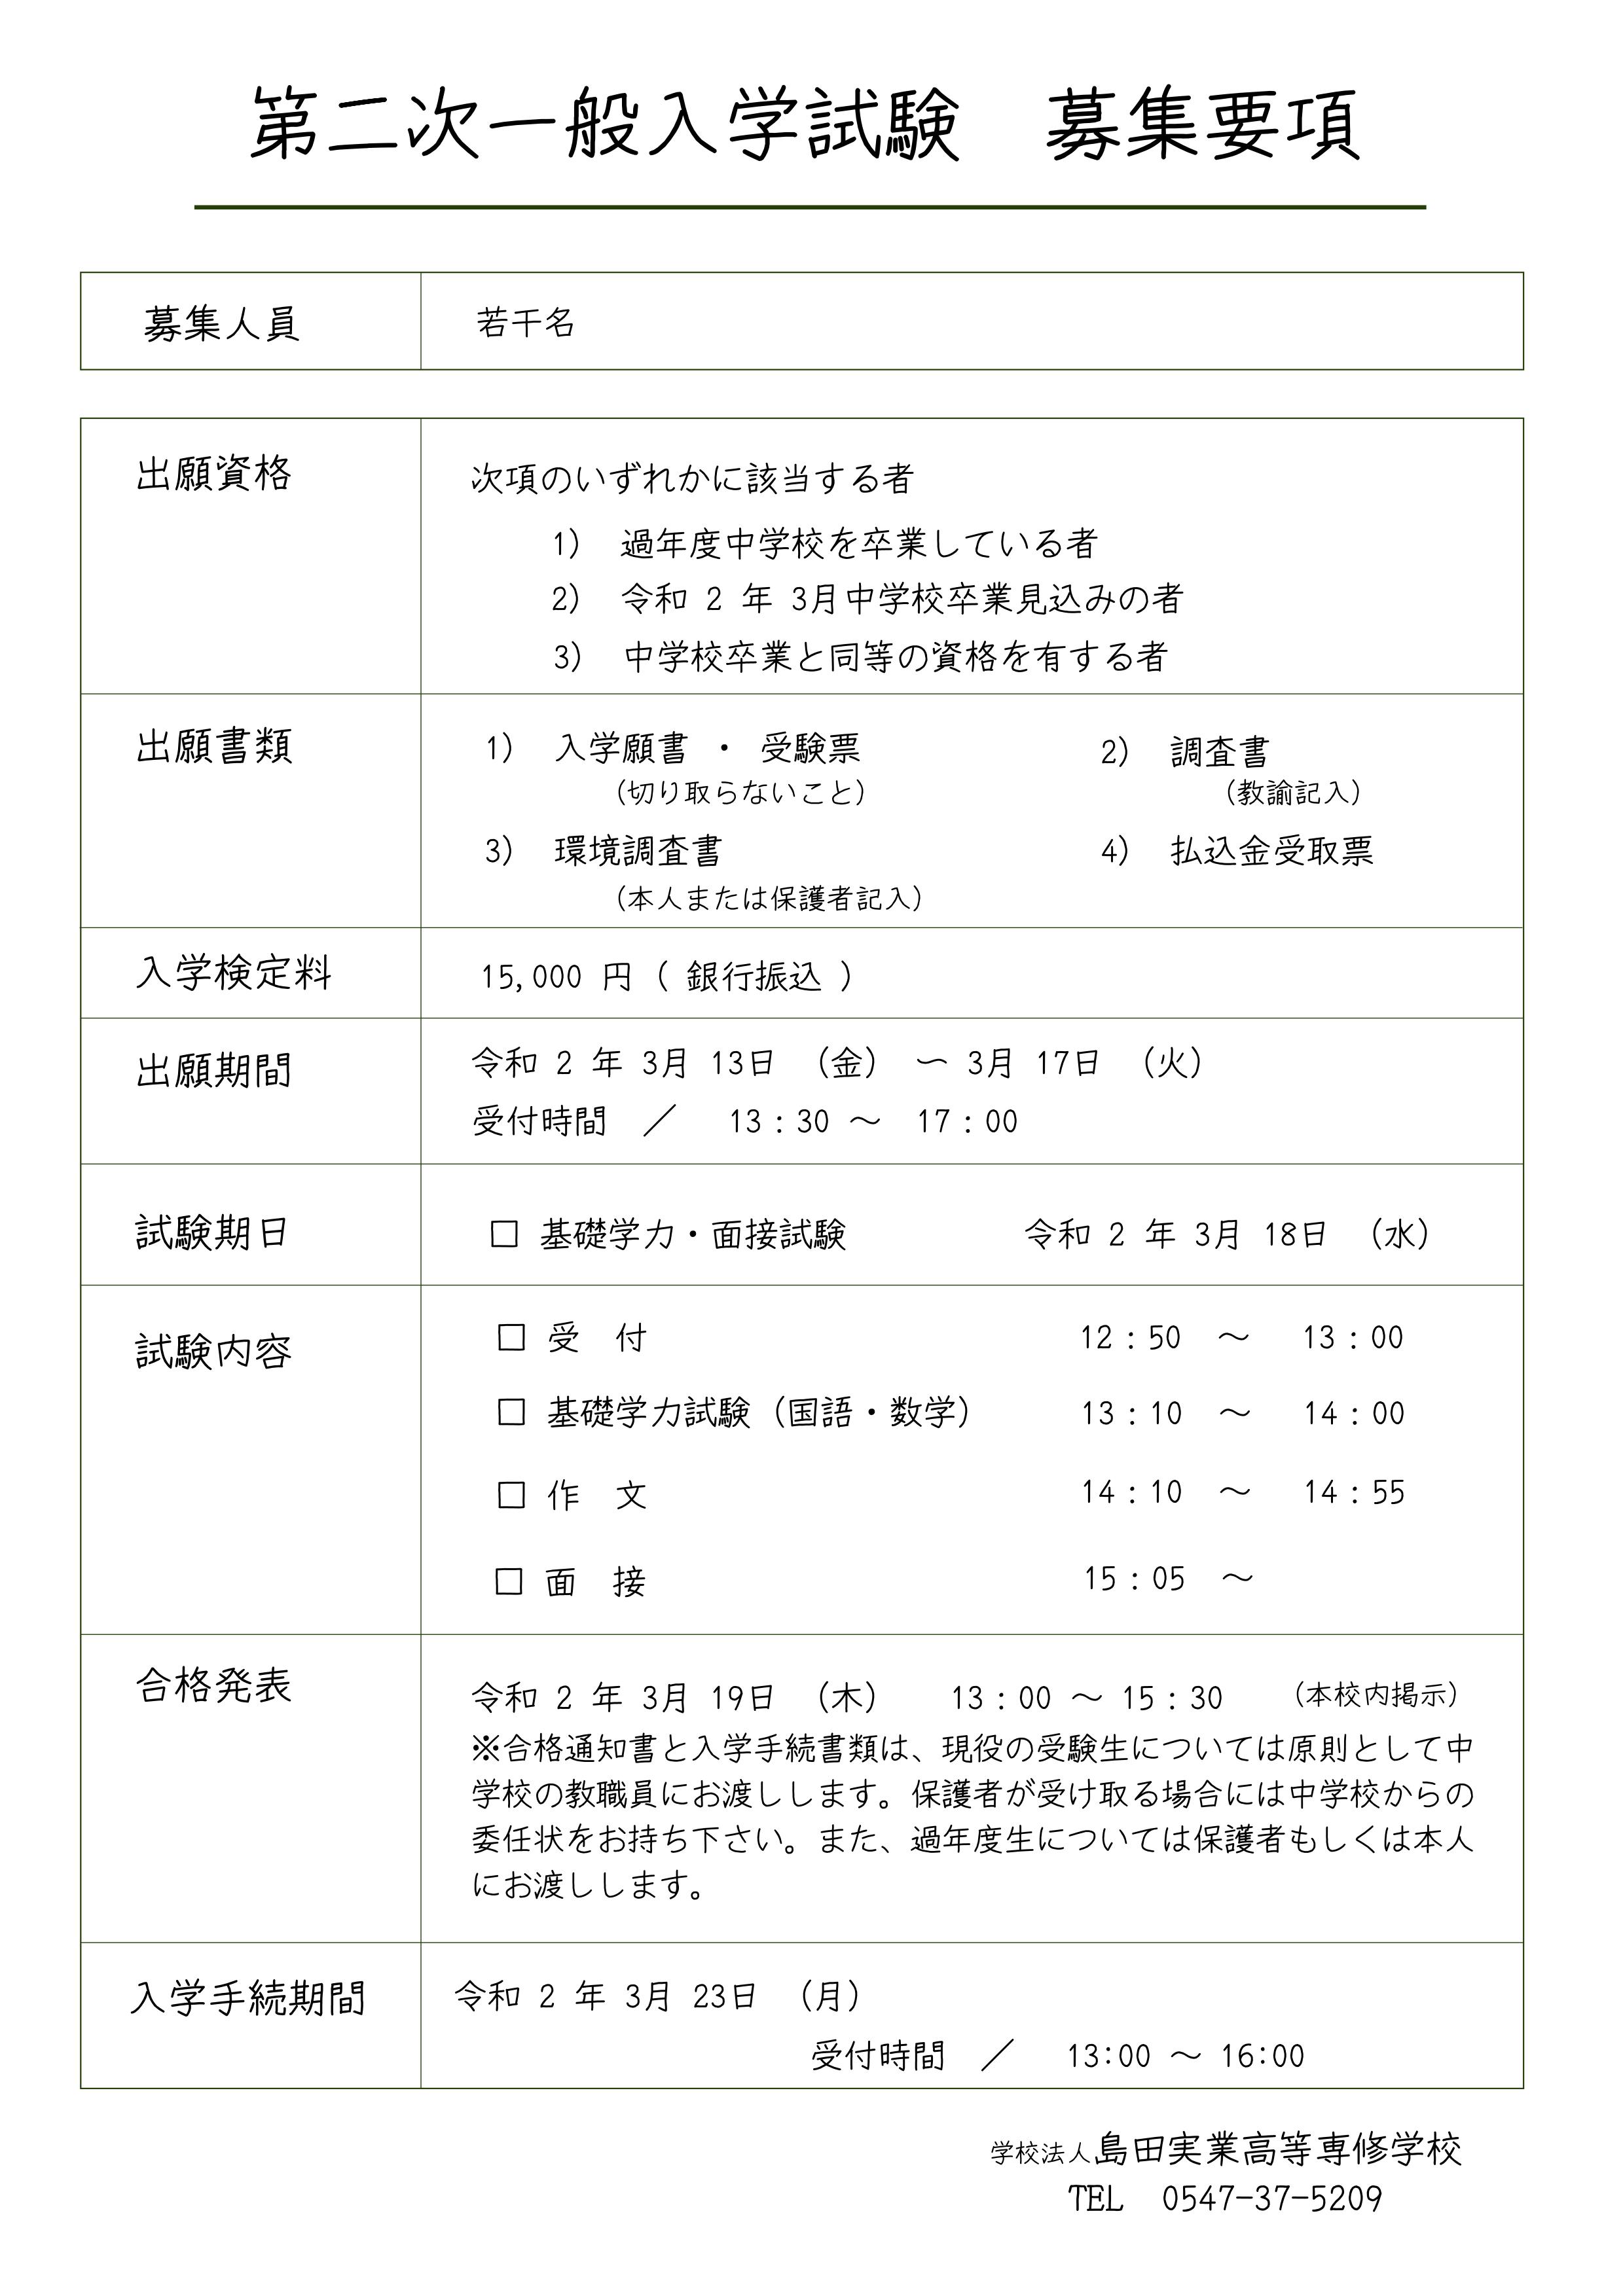 第二次一般入学試験19(20)